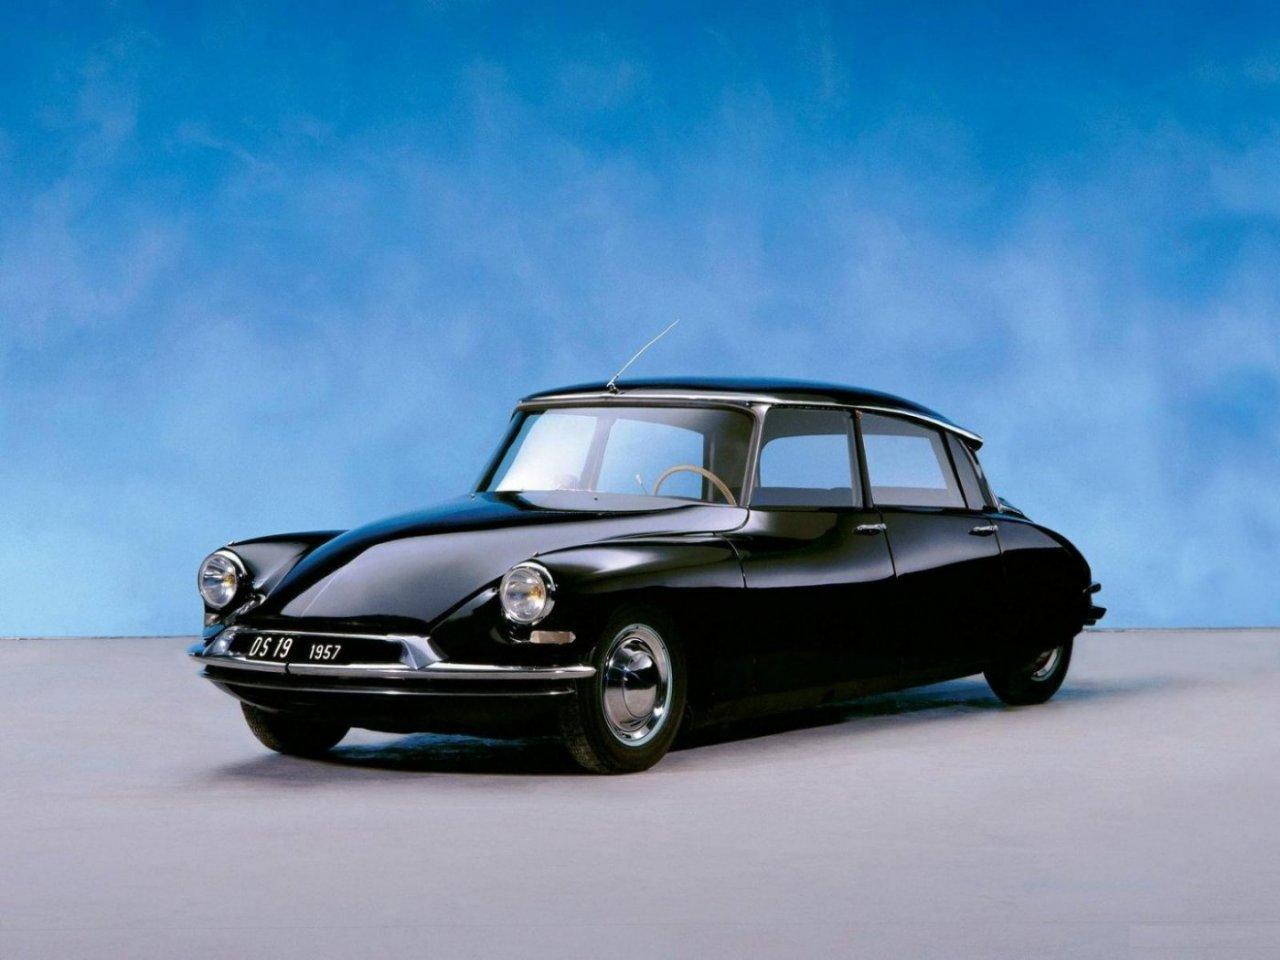 http://img7.autonavigator.ru/carsfoto/1280/6799/87542/Citroen_DS19_Sedan_1955.jpg